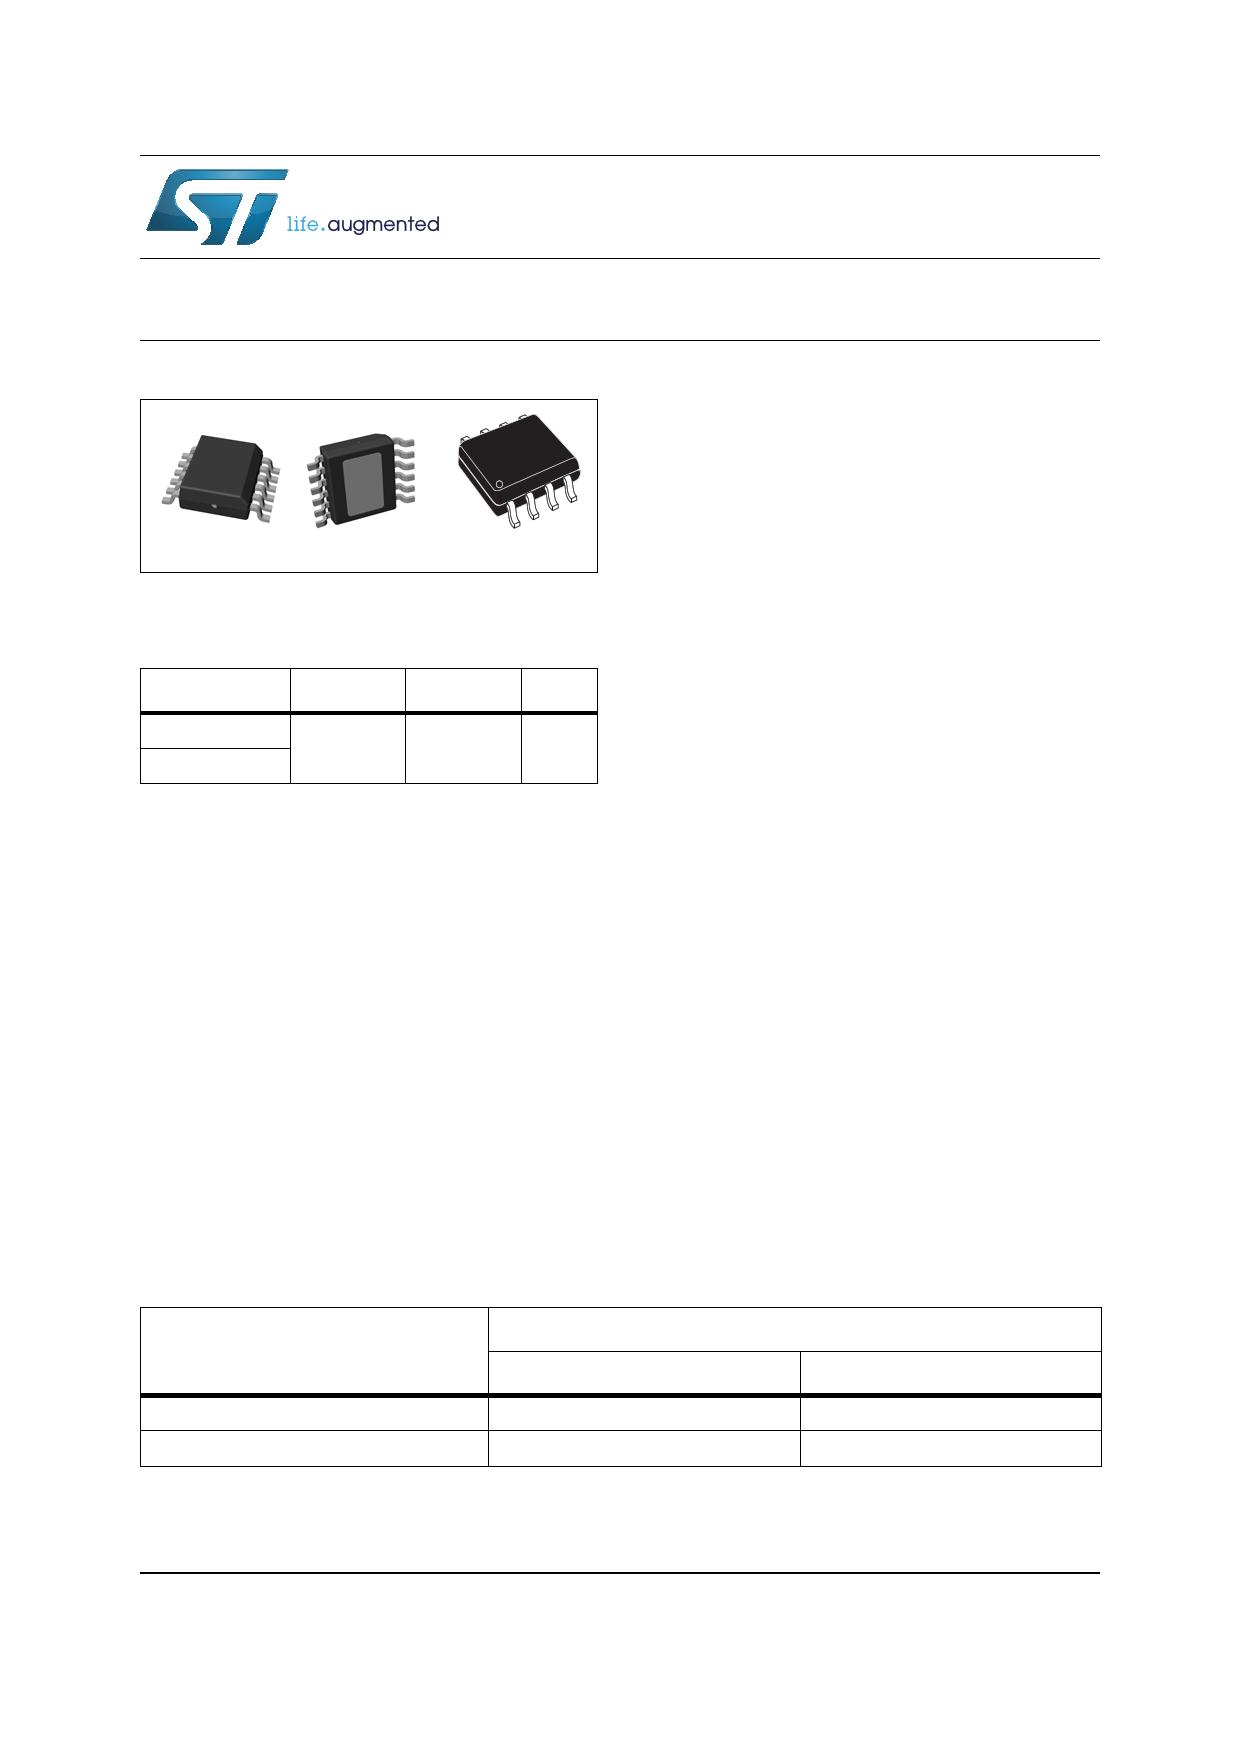 VNL5030J-E datasheet, circuit